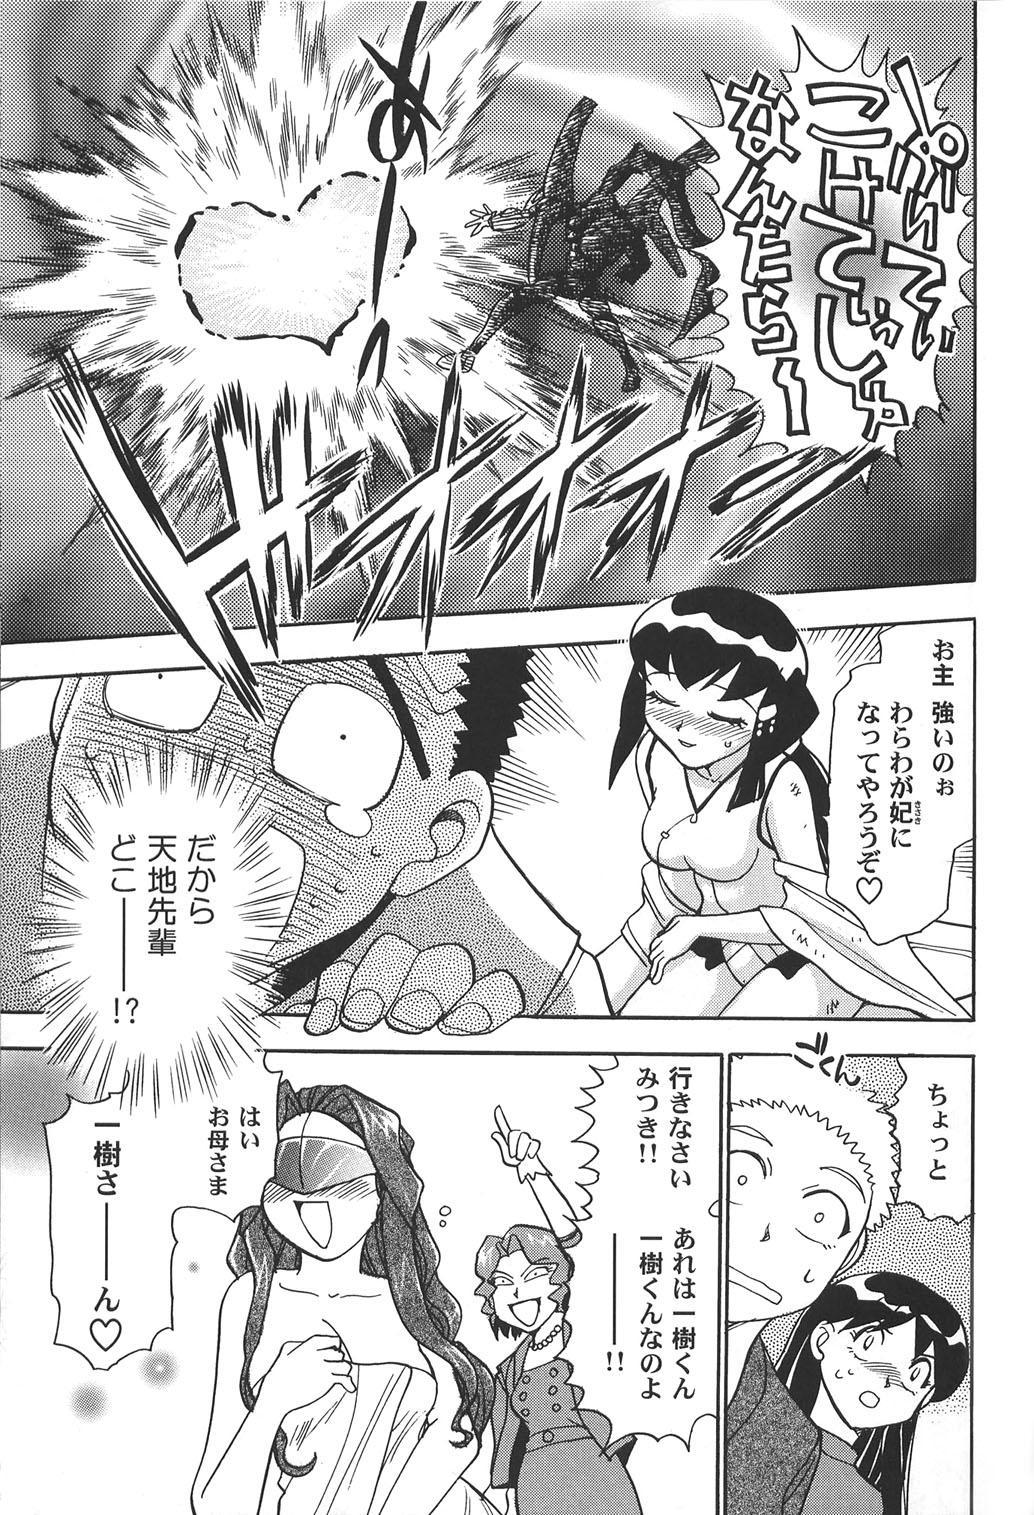 Ianryokou Toujitsu No Yoru 2 28